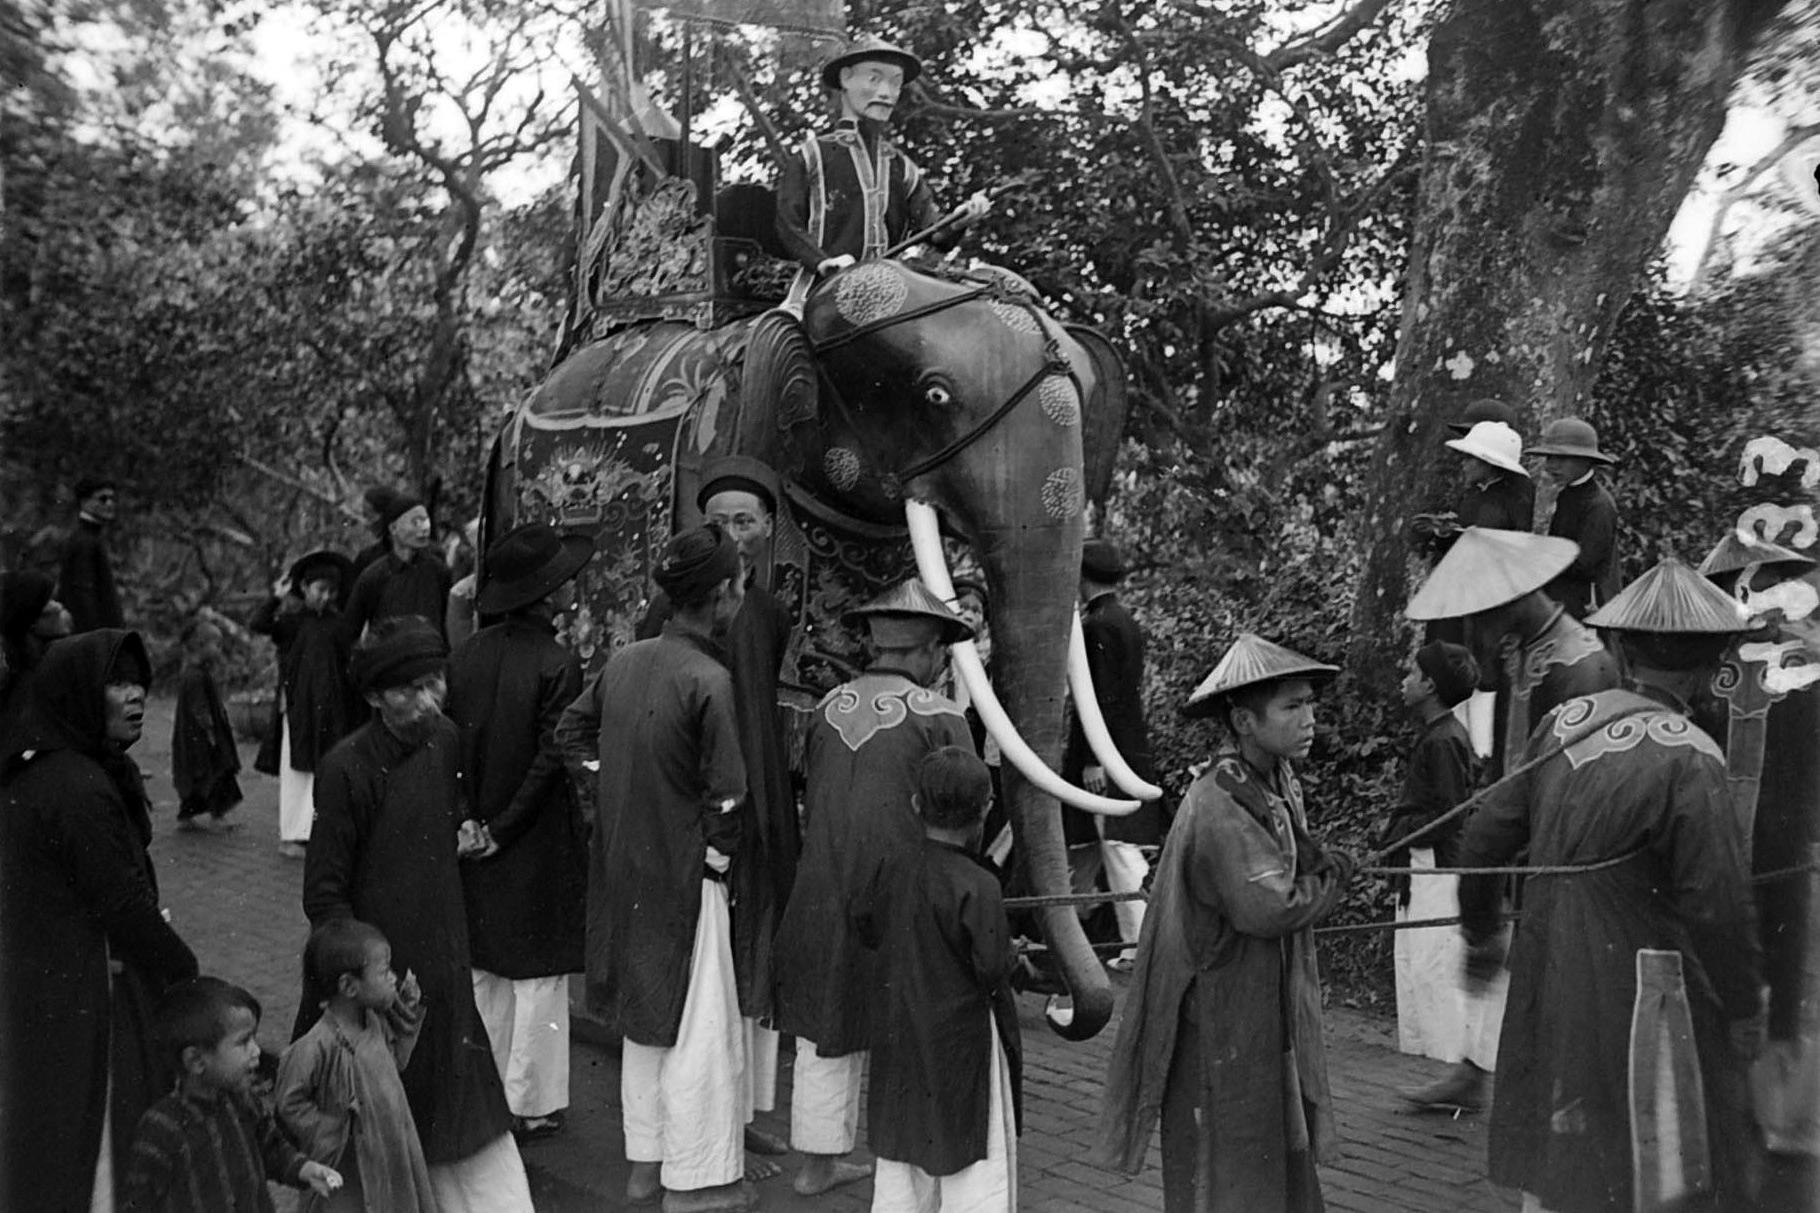 Chùm ảnh: Lễ hội đền Voi Phục ở Hà Nội năm 1928